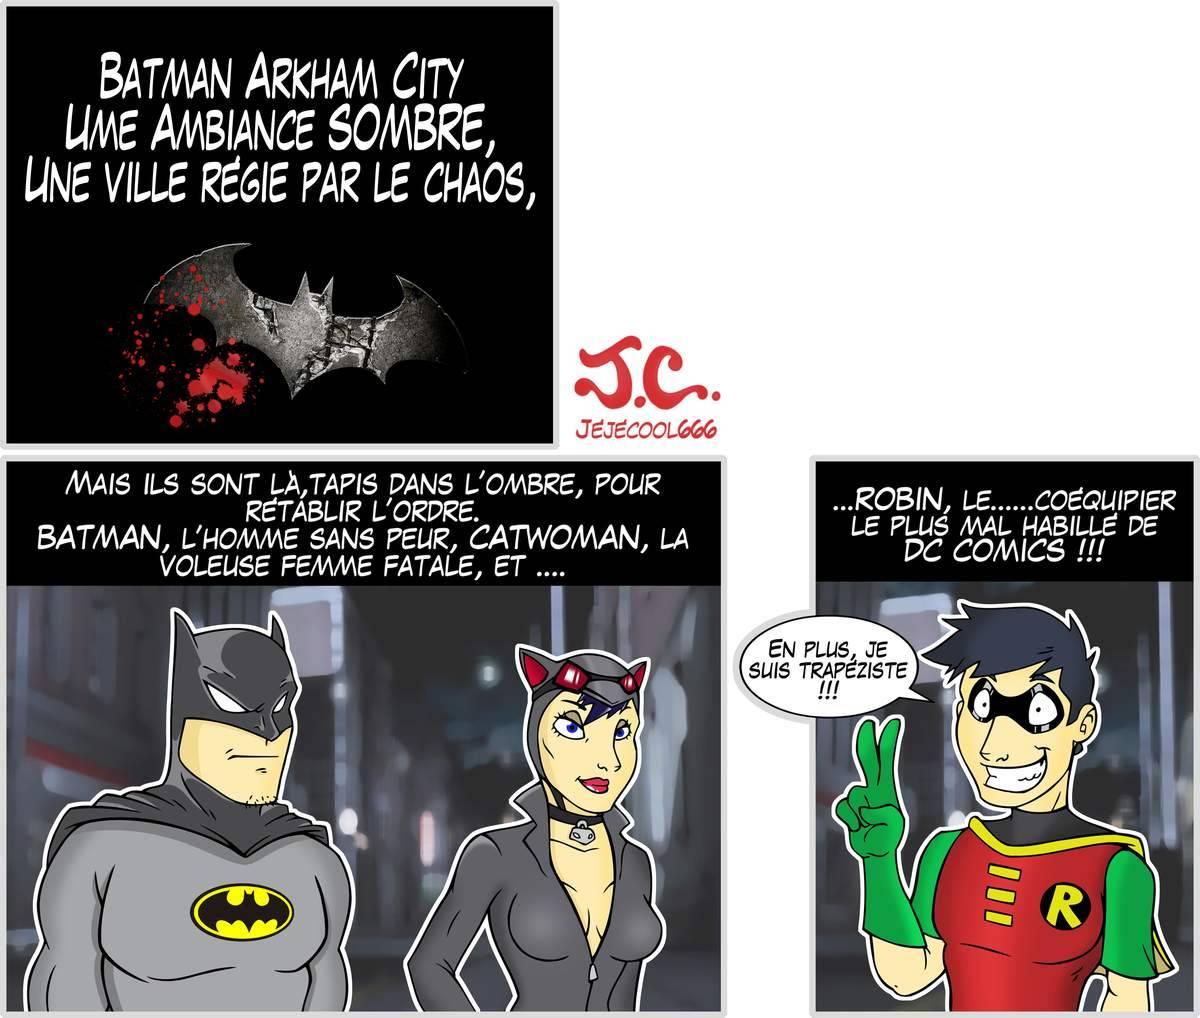 Actu-en-dessin-PS3-Jejecool666-Batman-Arkham-City-Robin-1200x1018-27062011